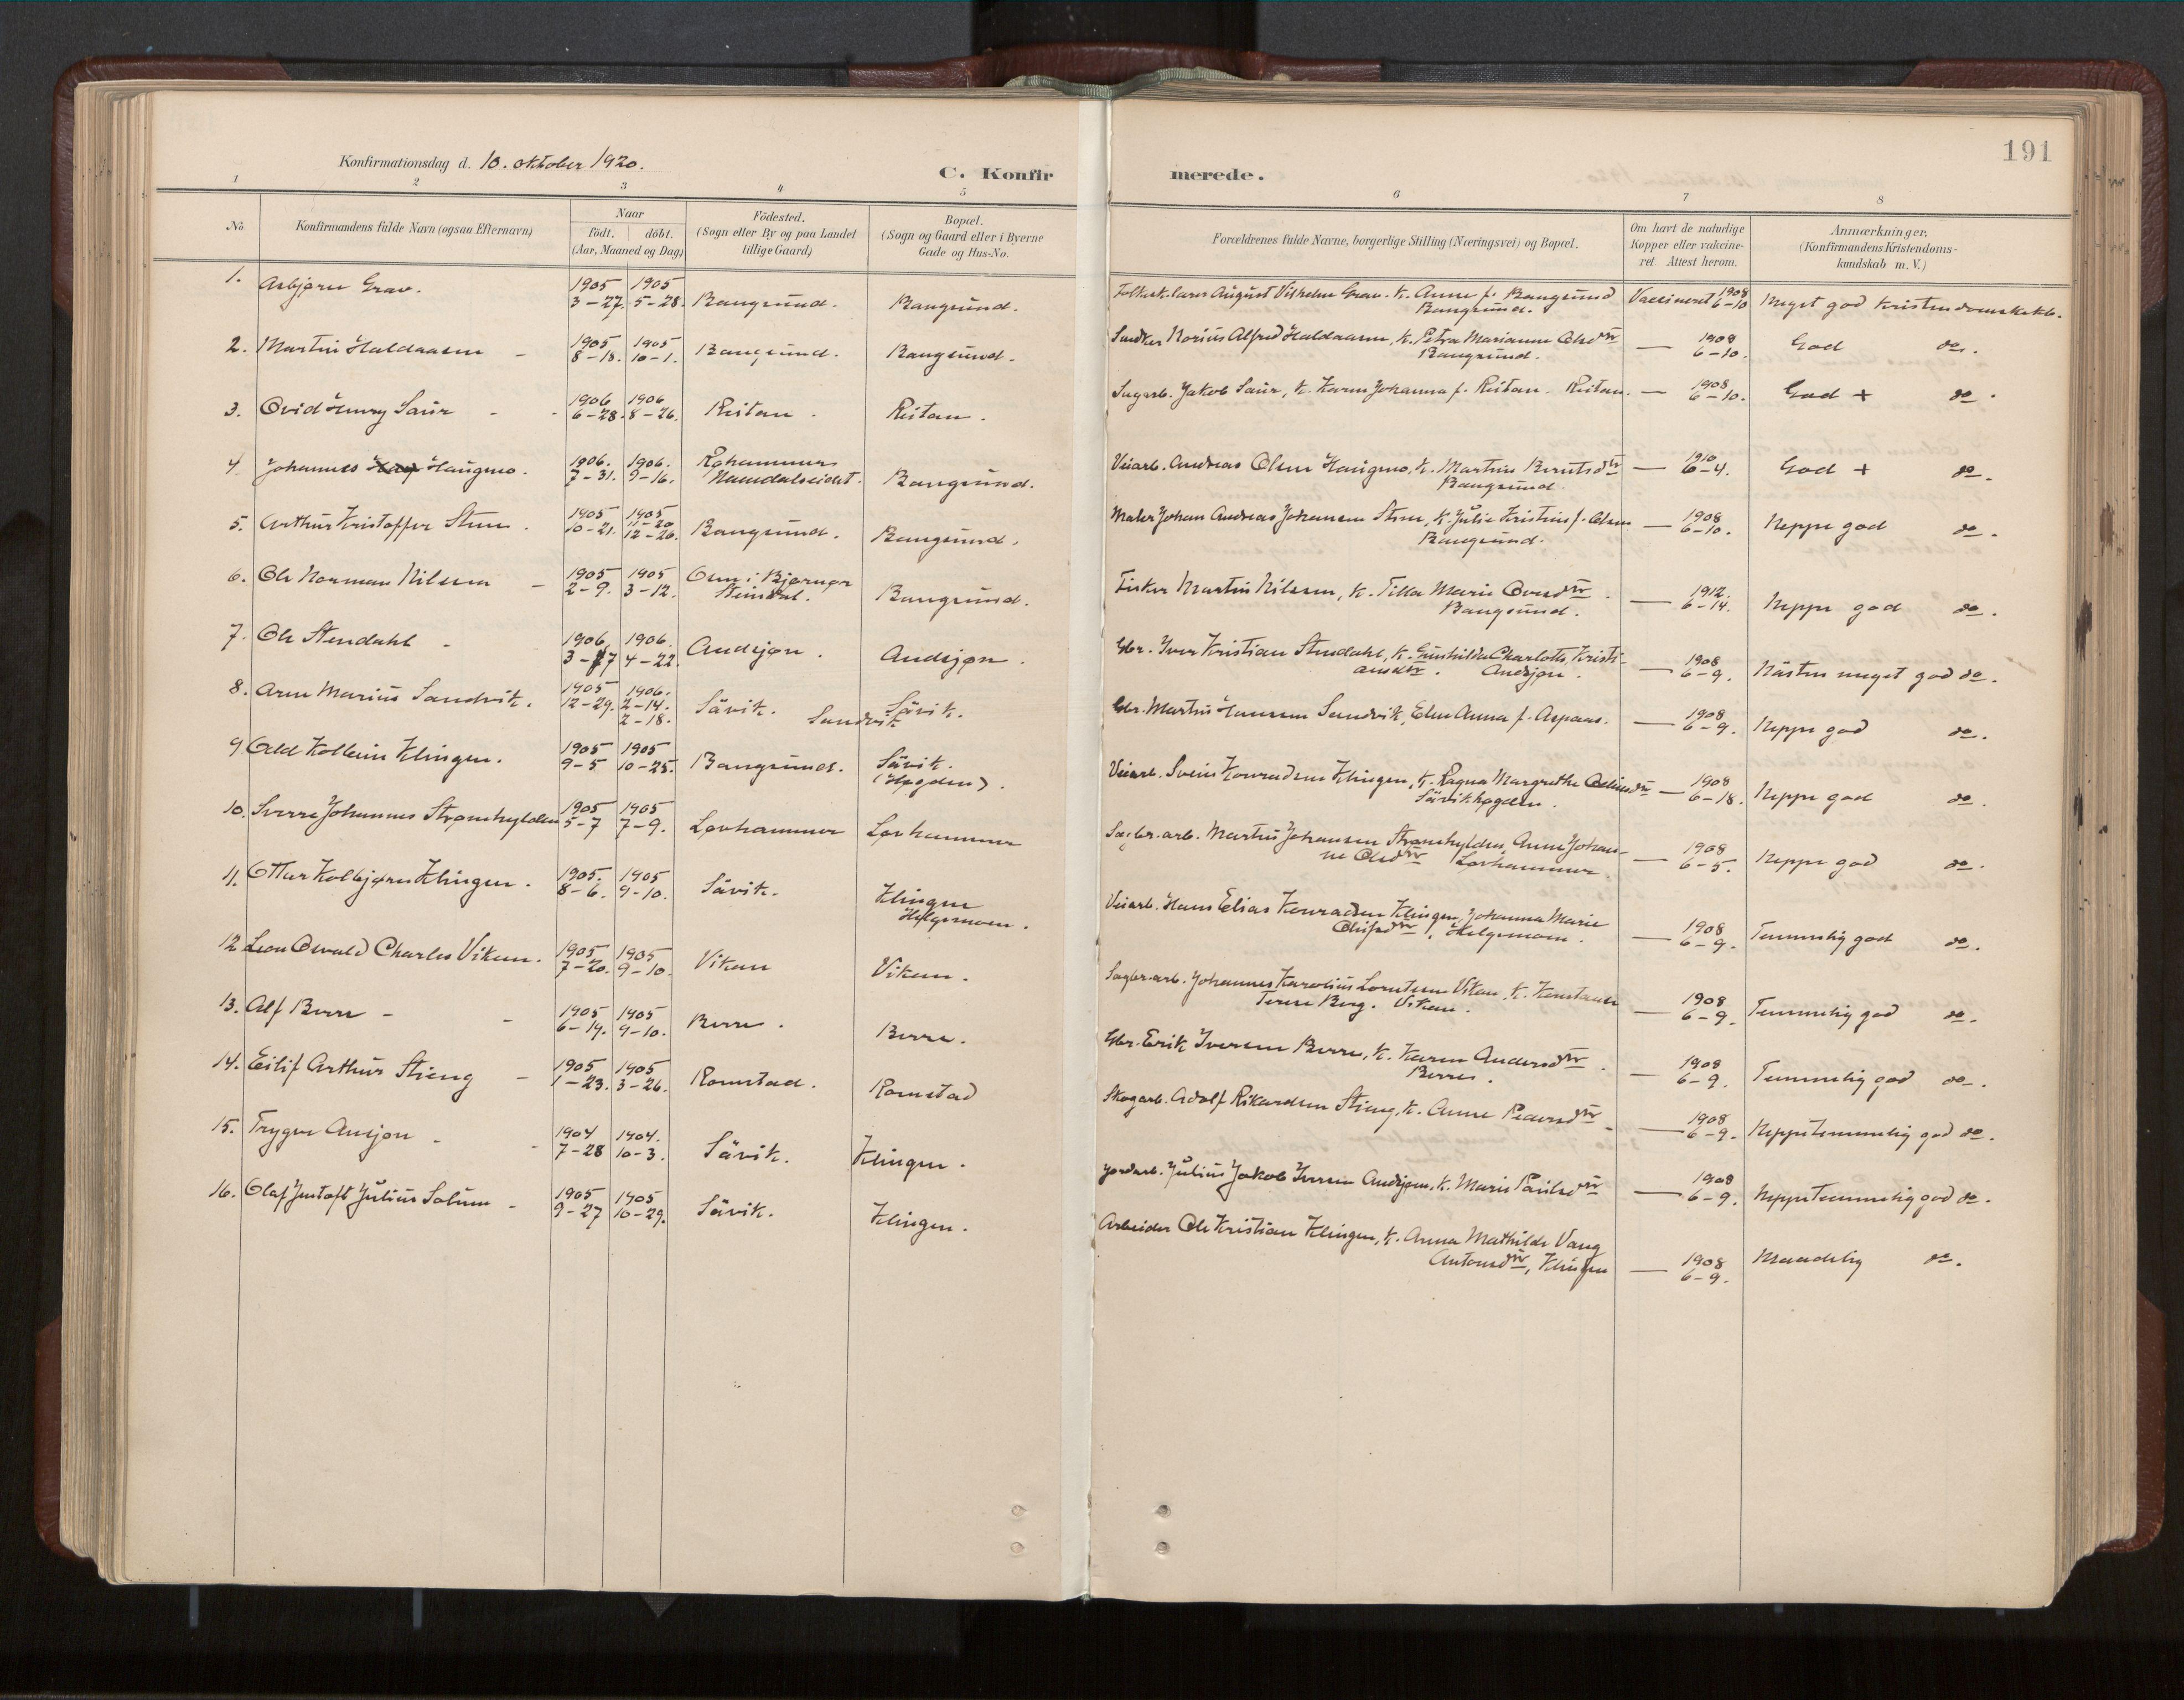 SAT, Ministerialprotokoller, klokkerbøker og fødselsregistre - Nord-Trøndelag, 770/L0589: Ministerialbok nr. 770A03, 1887-1929, s. 191